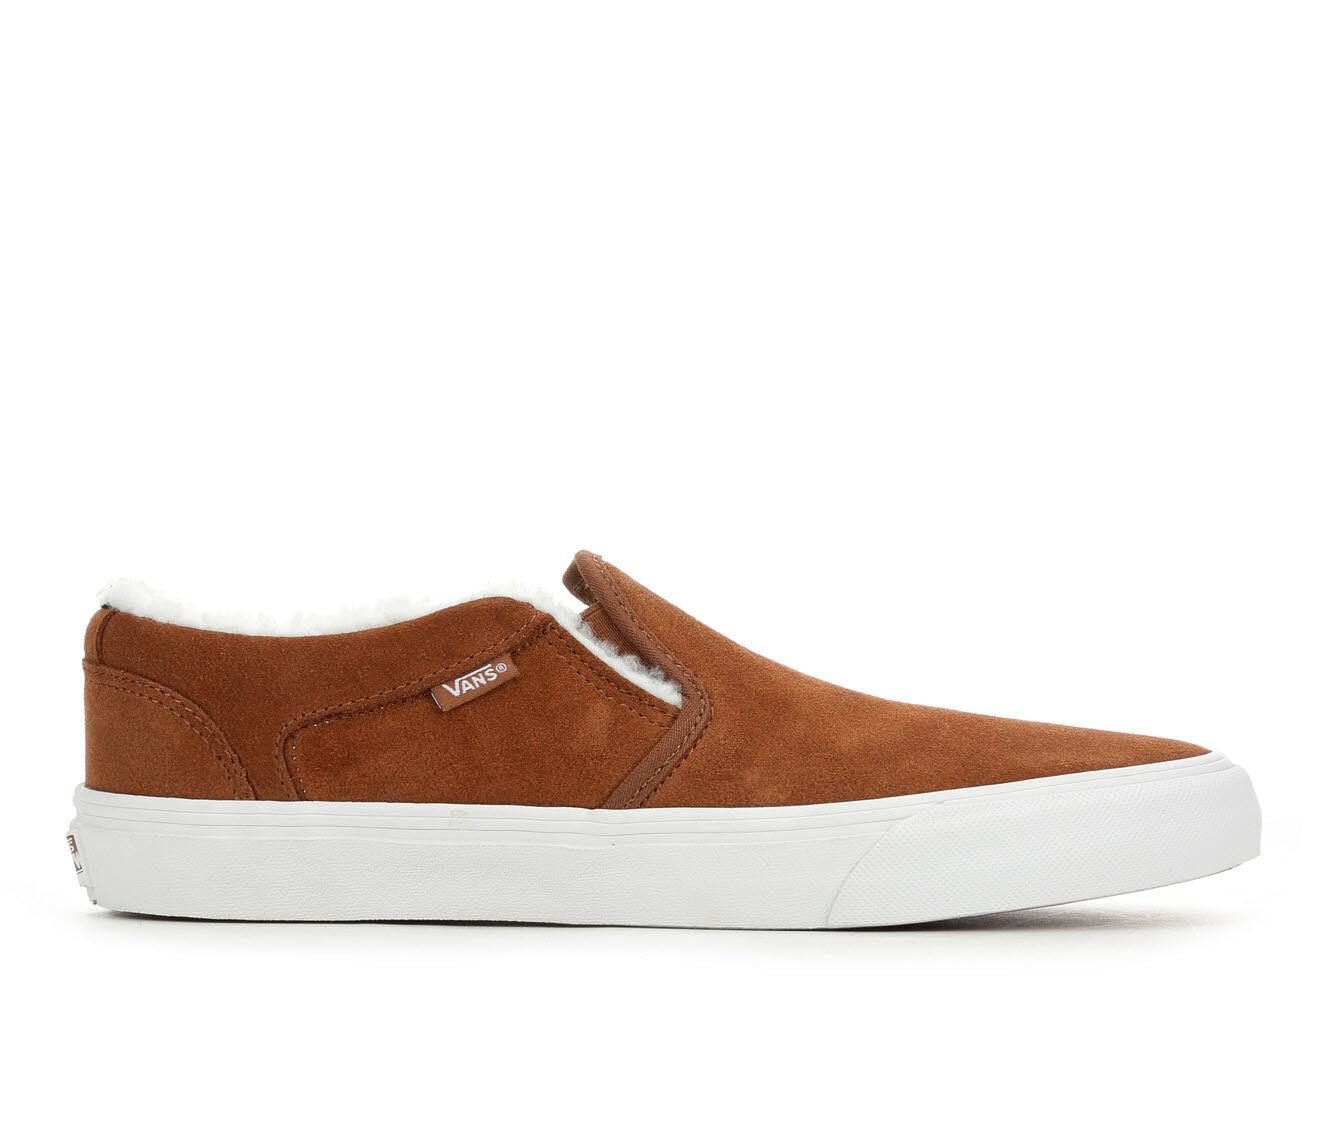 Men's Vans Asher-Deluxe Skate Shoes Brn/Wht Sherpa